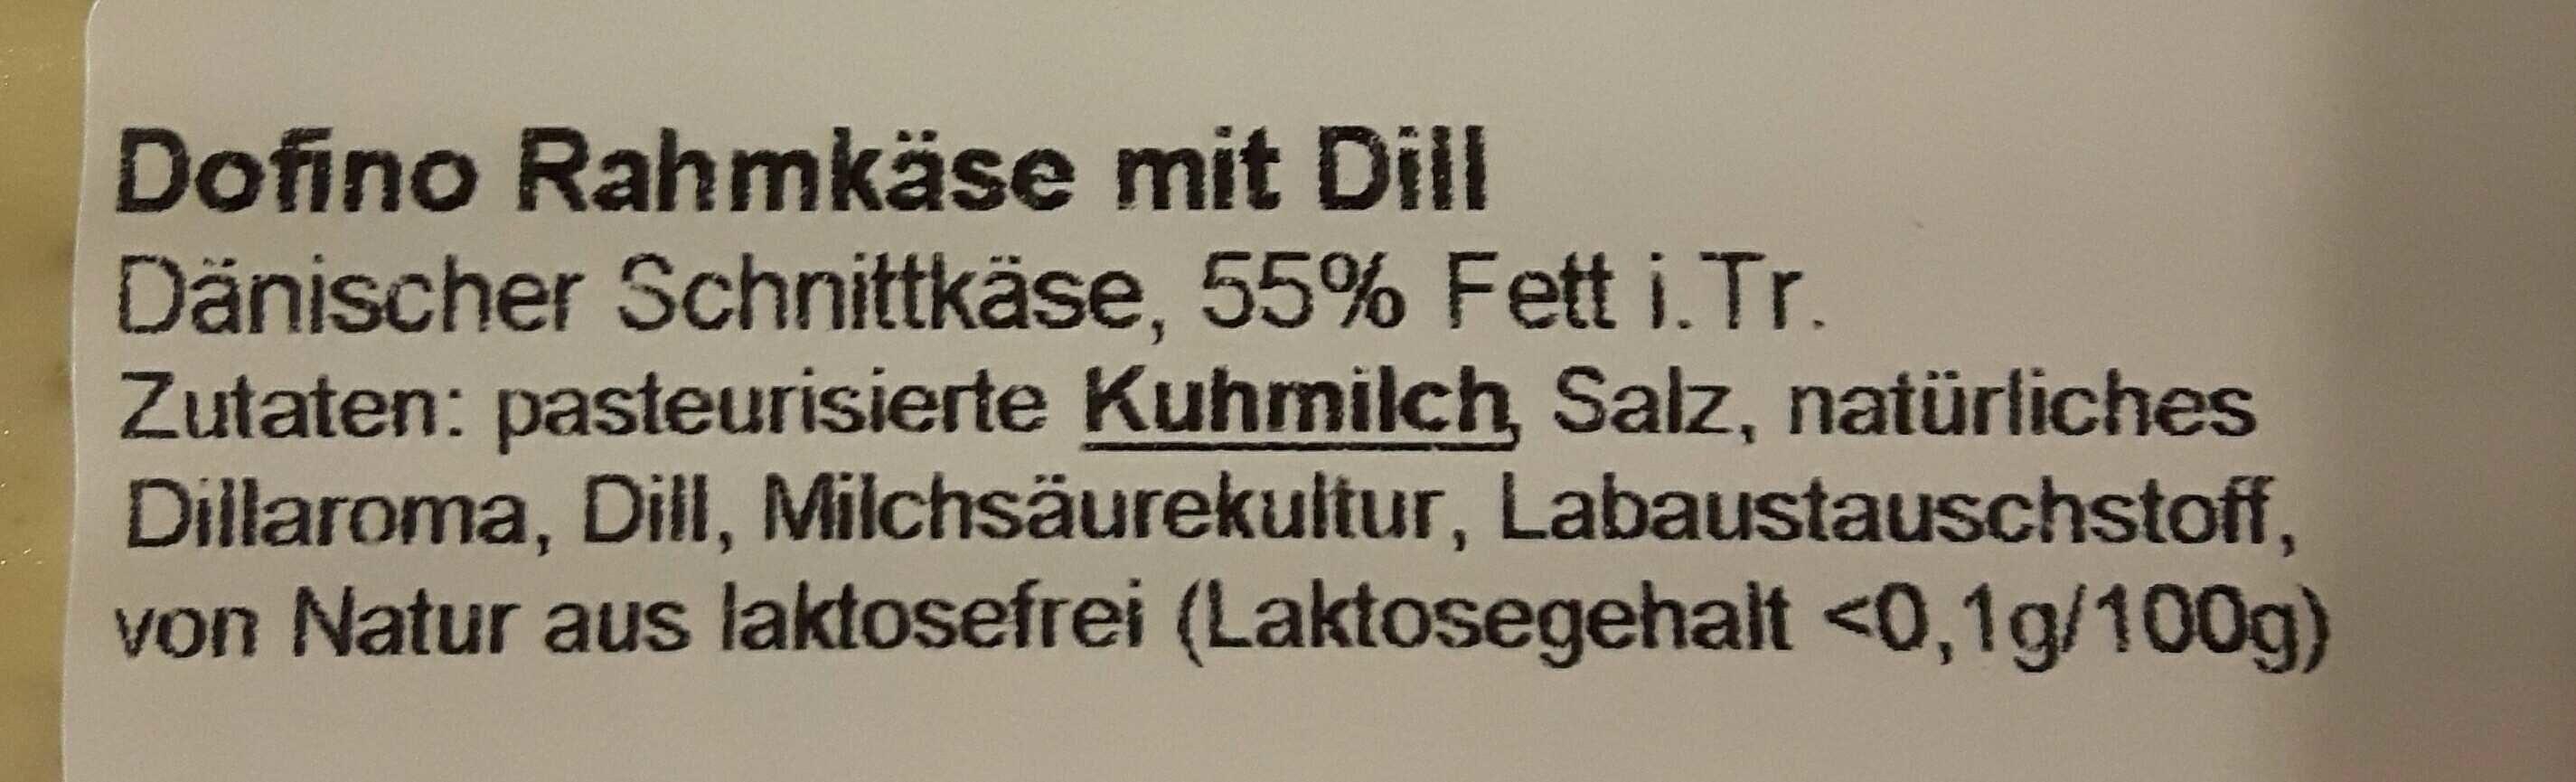 Dofino Rahmkäse mit Dill - Ingredients - en